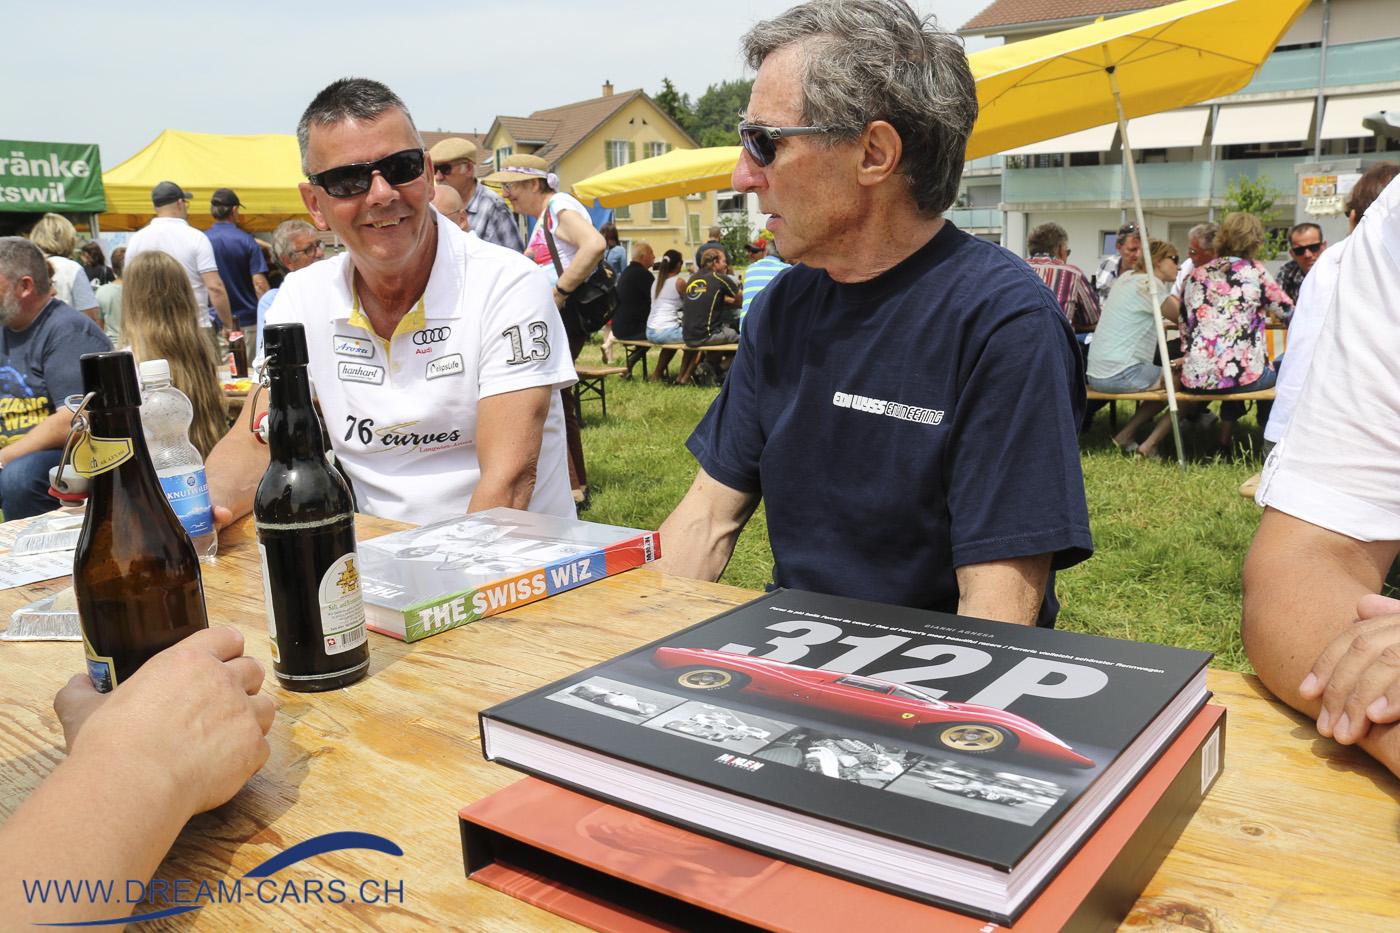 OLDTIMERCLASSIC HITTNAU, 19. und 20. Juni 2021. Das Buch über den Ferrari 312P. Hans-Peter Thalmann im Gespräch mit Edy Wyss